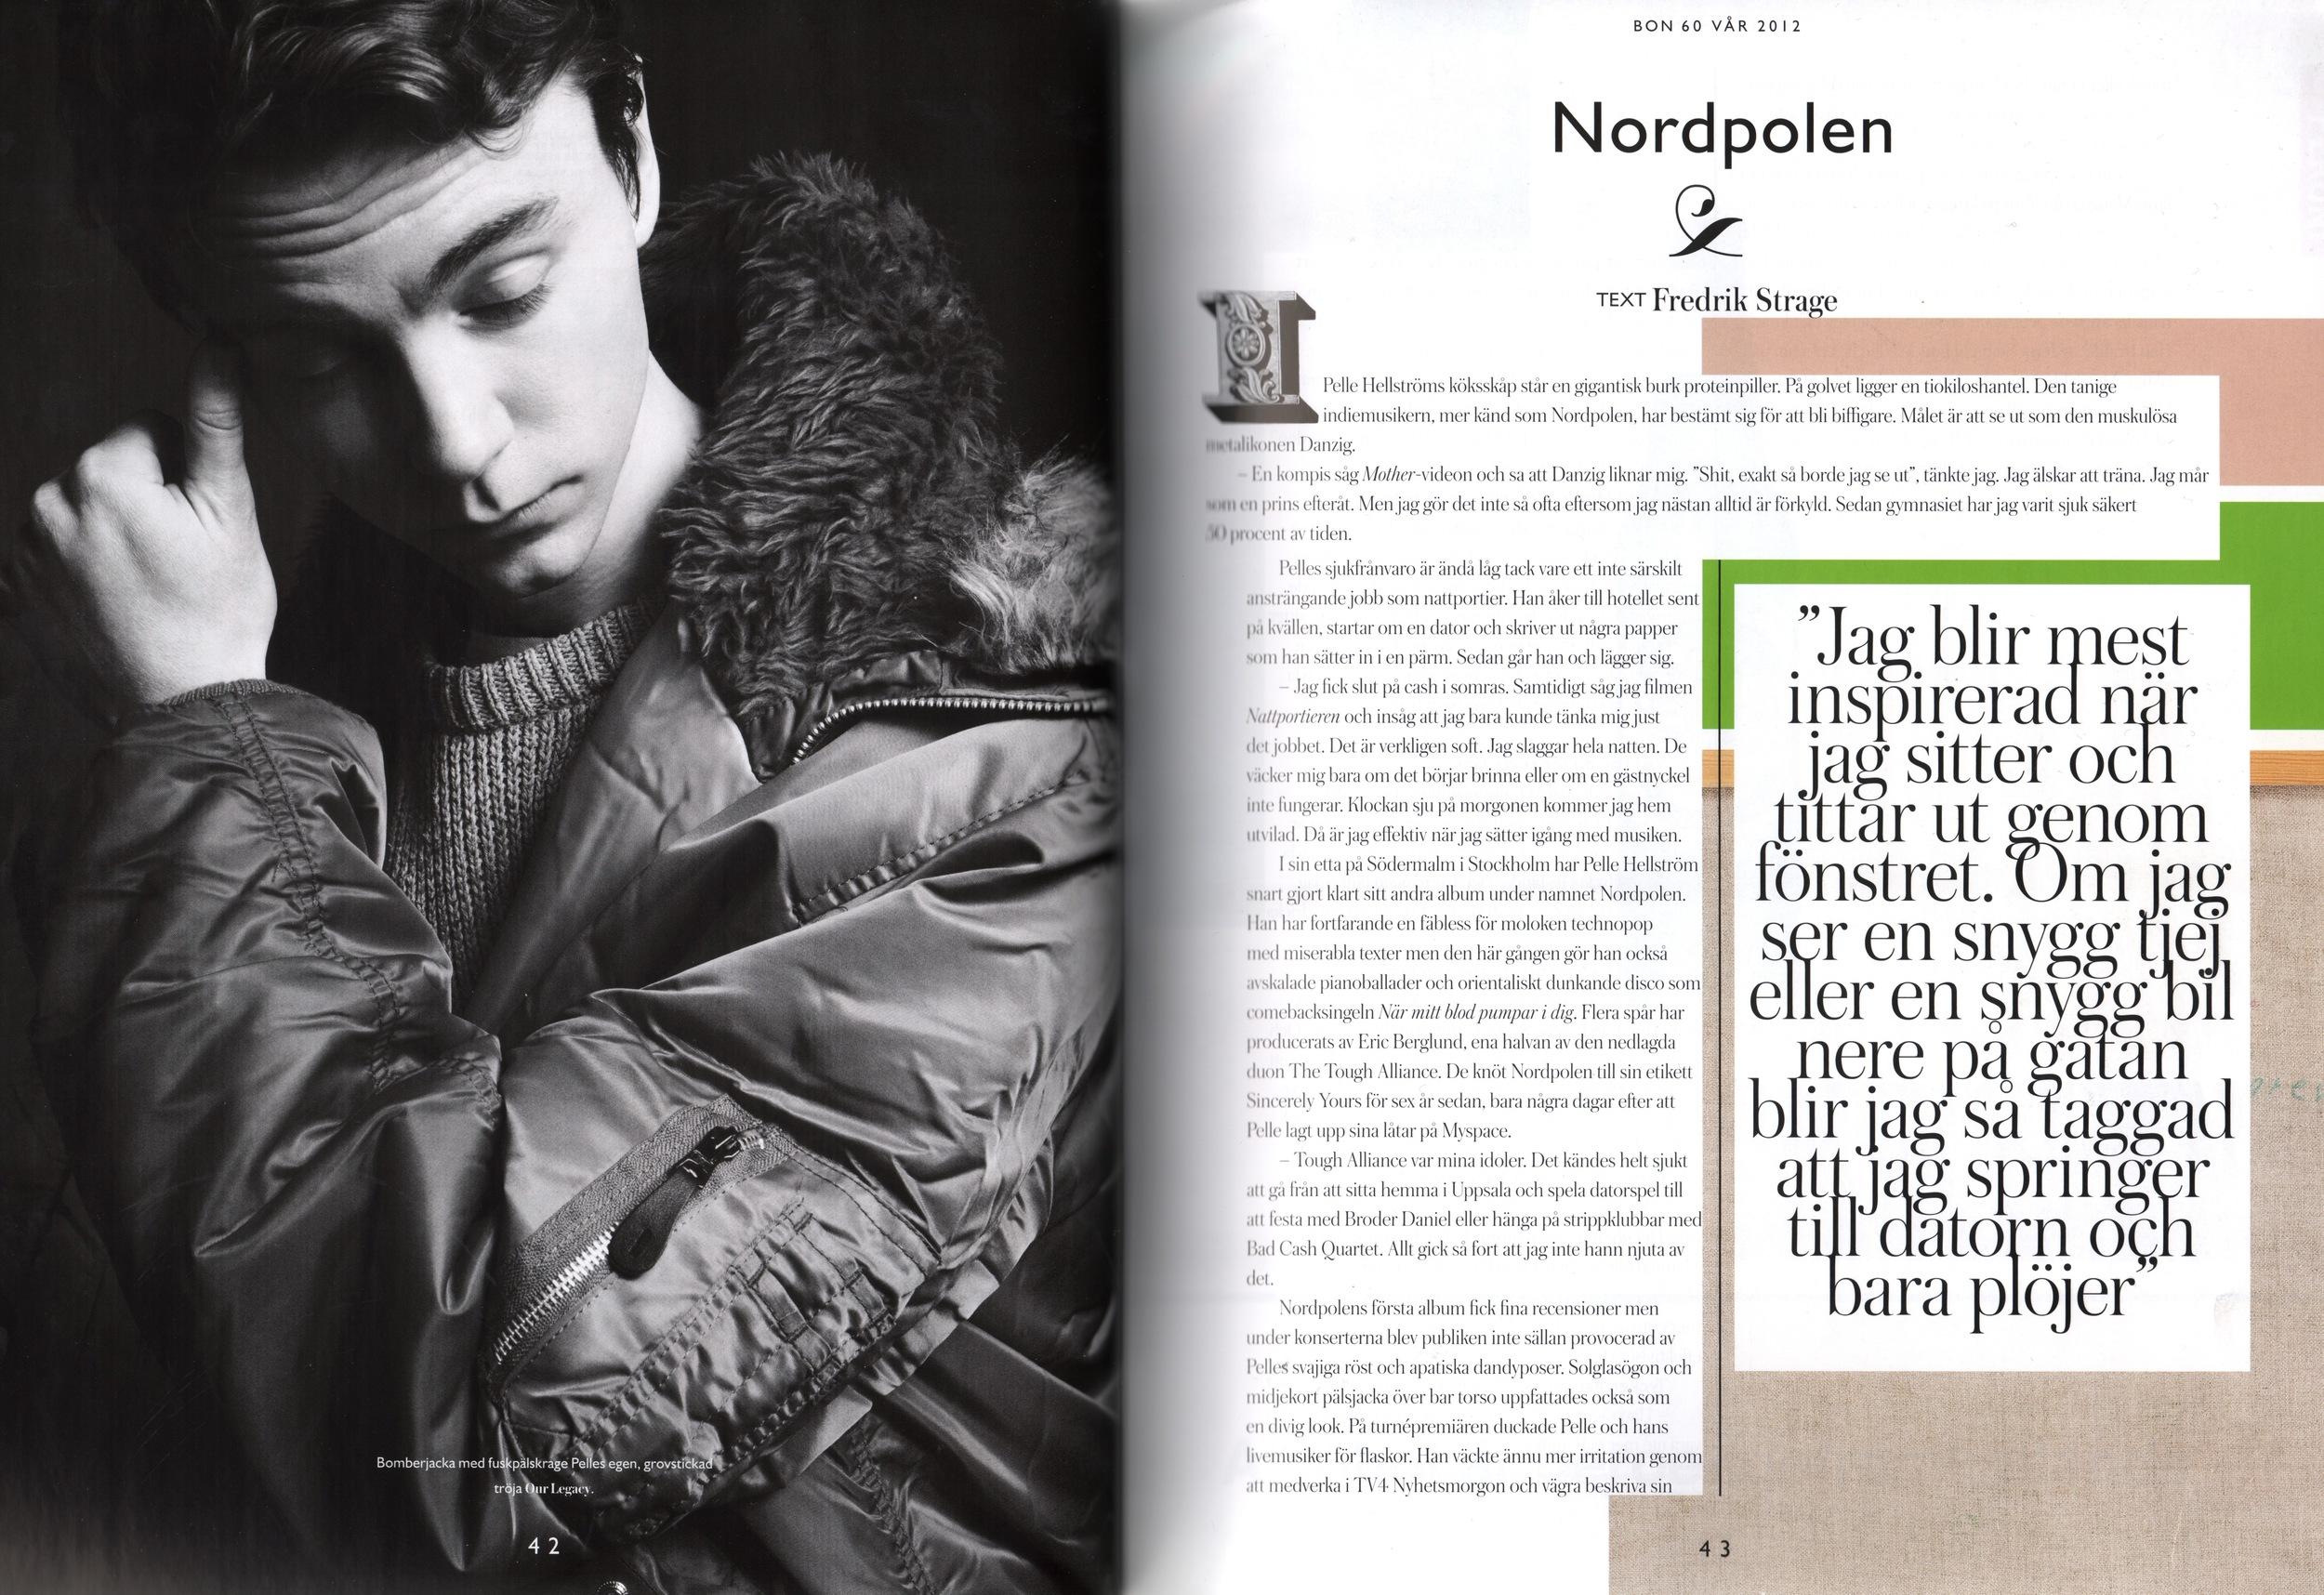 Nordpolen-Bon-2012.jpg